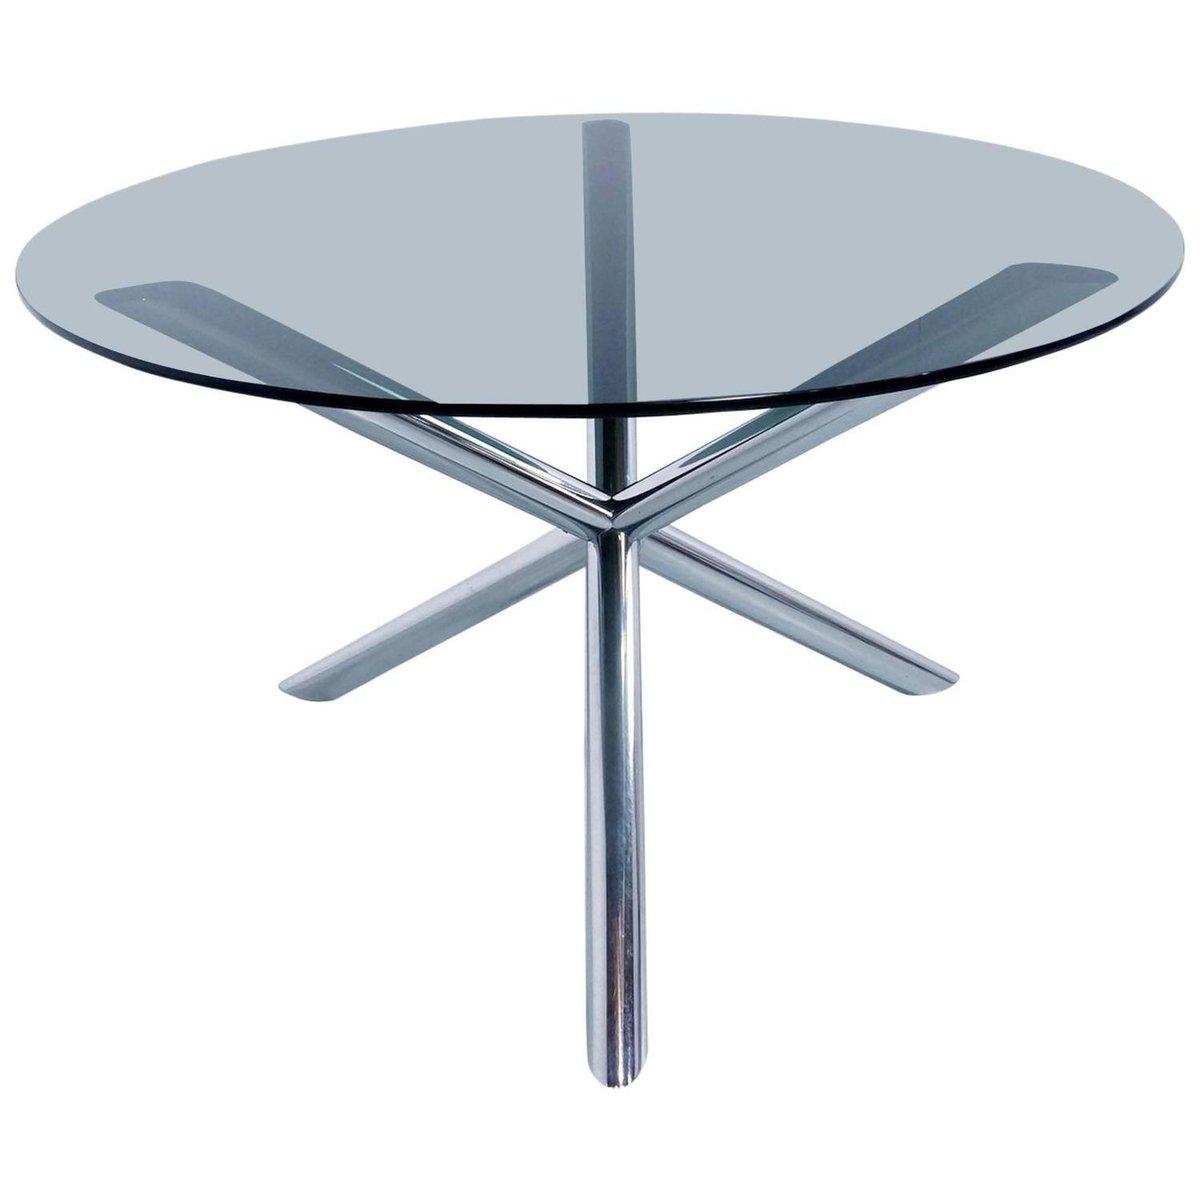 chrome-glas Esstische online kaufen | Möbel-Suchmaschine ...